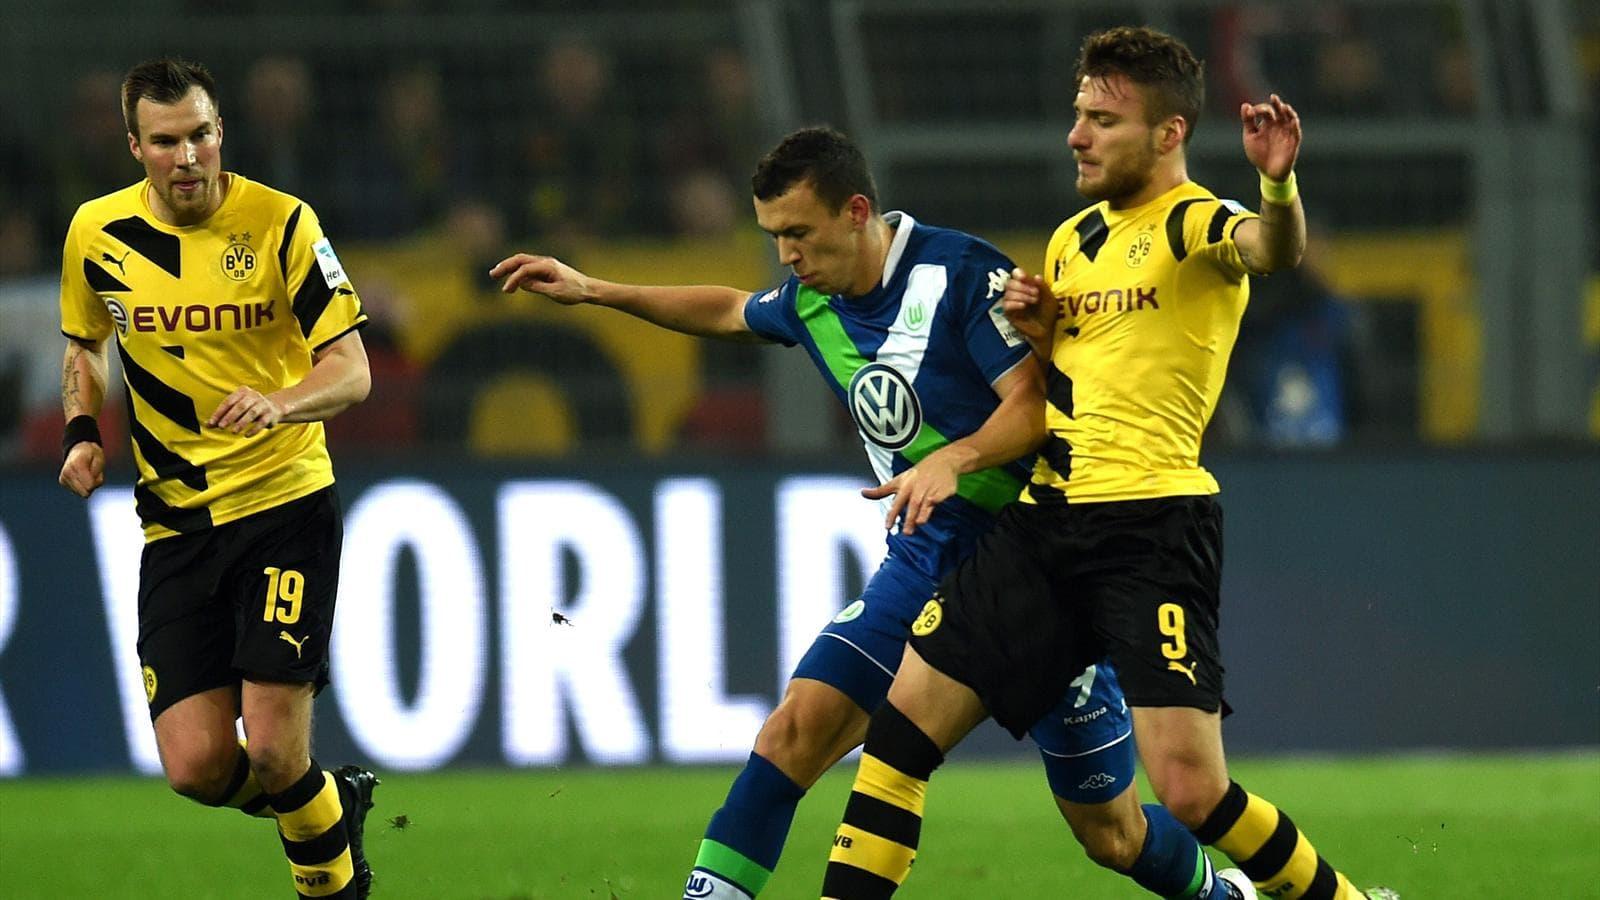 Pokal Dortmund Wolfsburg